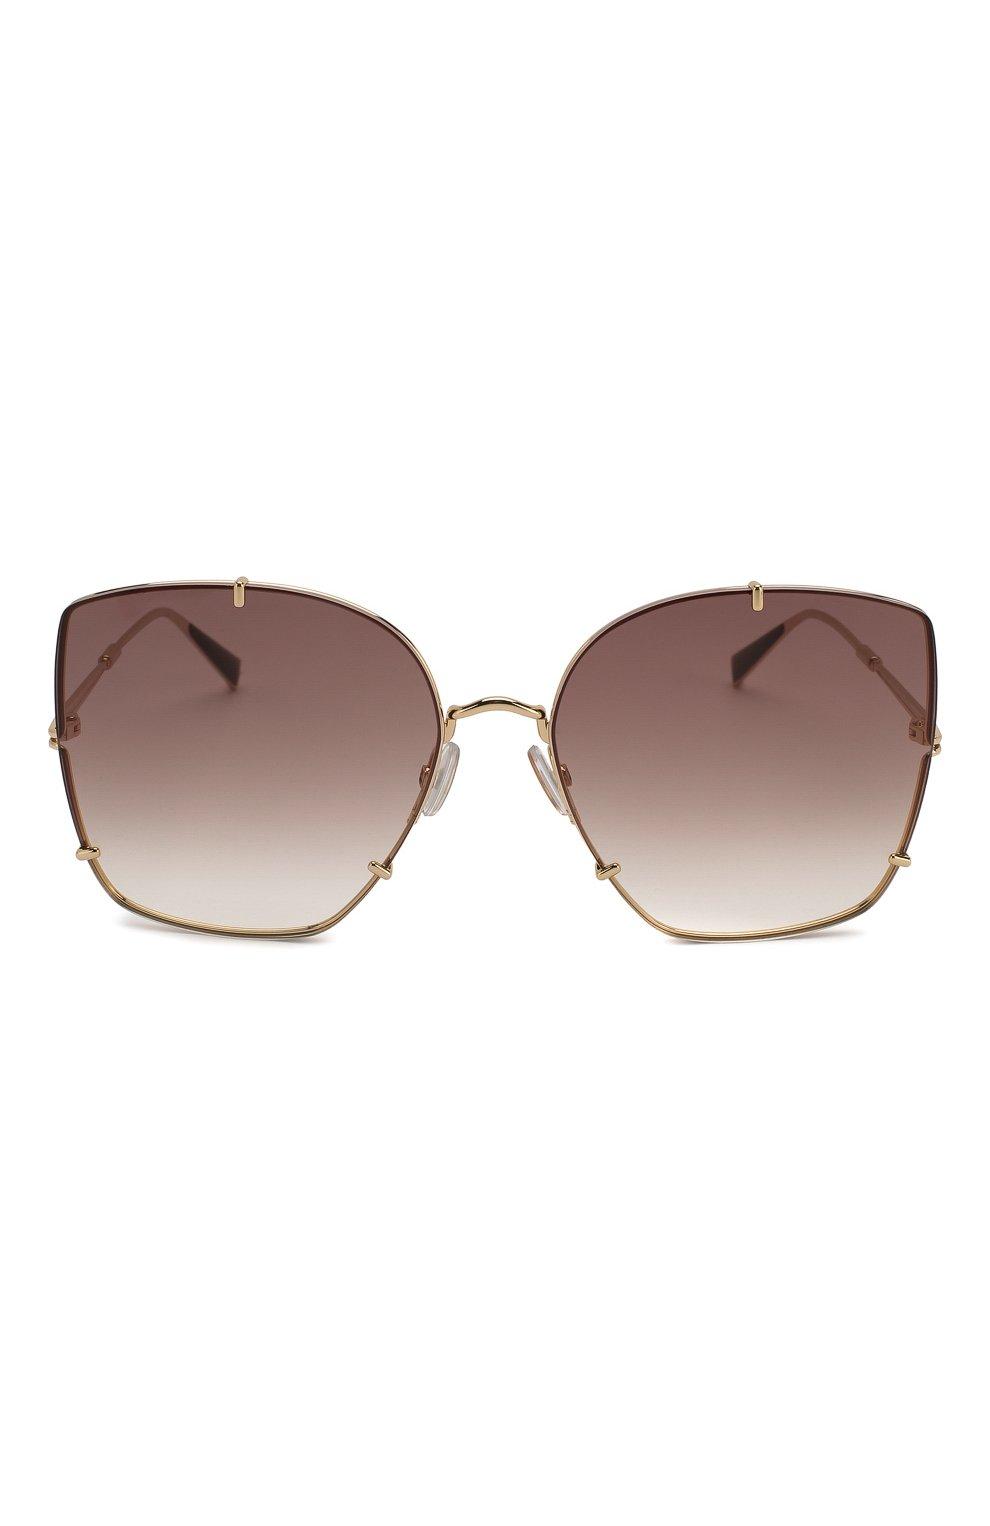 Женские солнцезащитные очки MAX MARA коричневого цвета, арт. H00KS II J5G | Фото 3